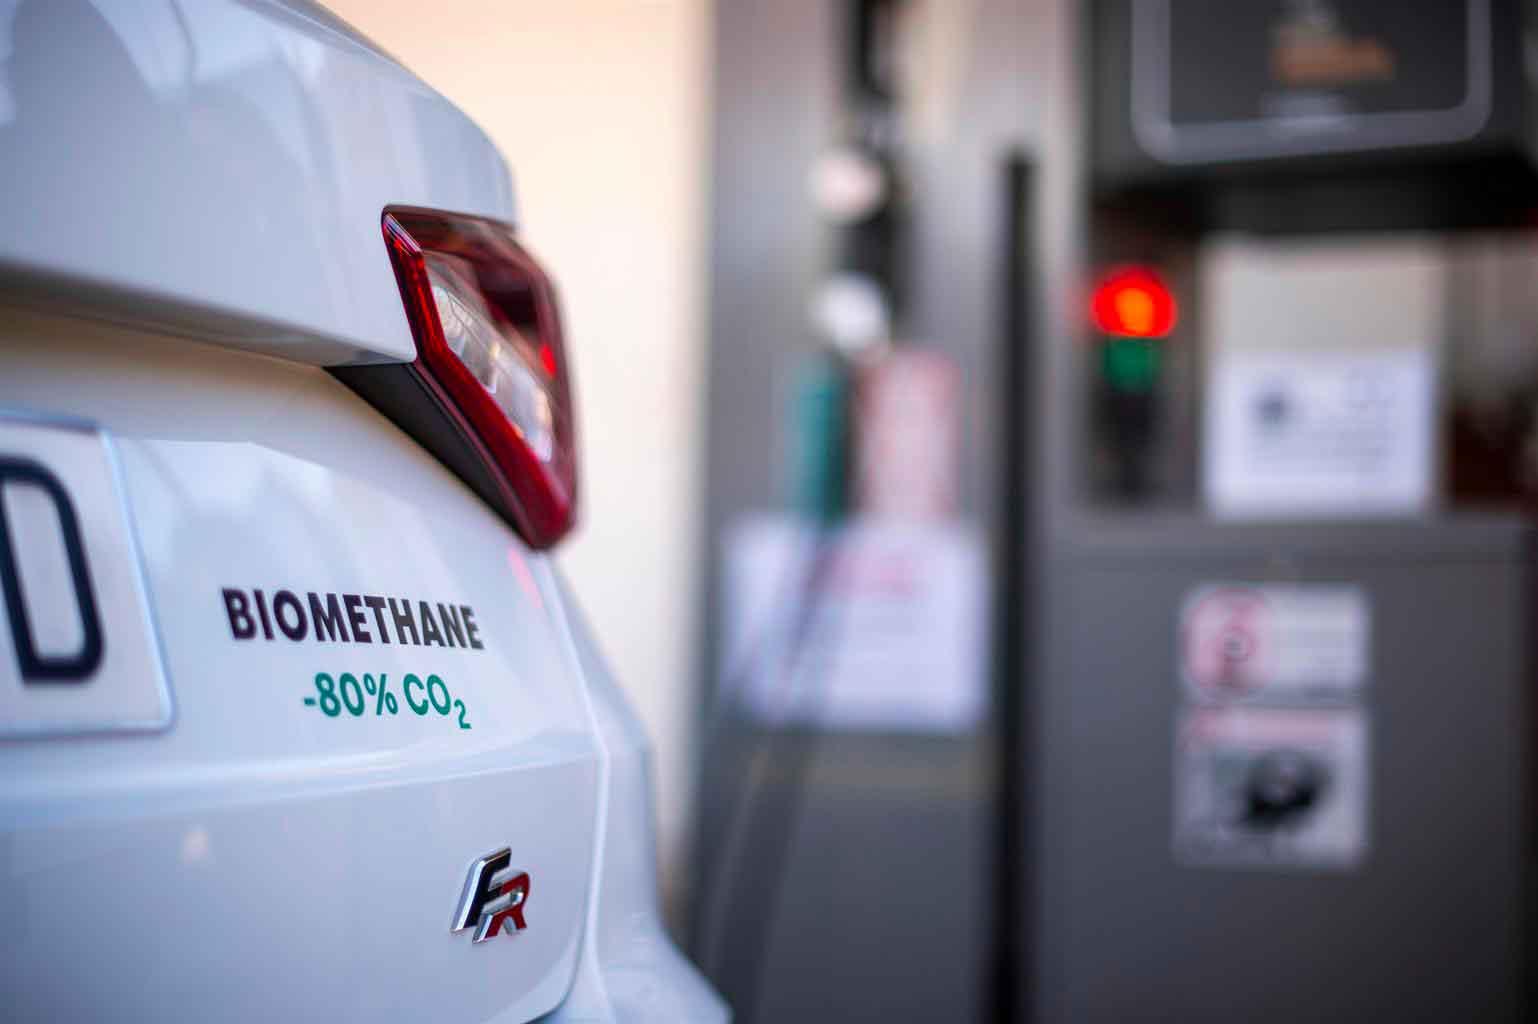 SEAT partecipa a un nuovo progetto europeo sul biometano a partire dai rifiuti